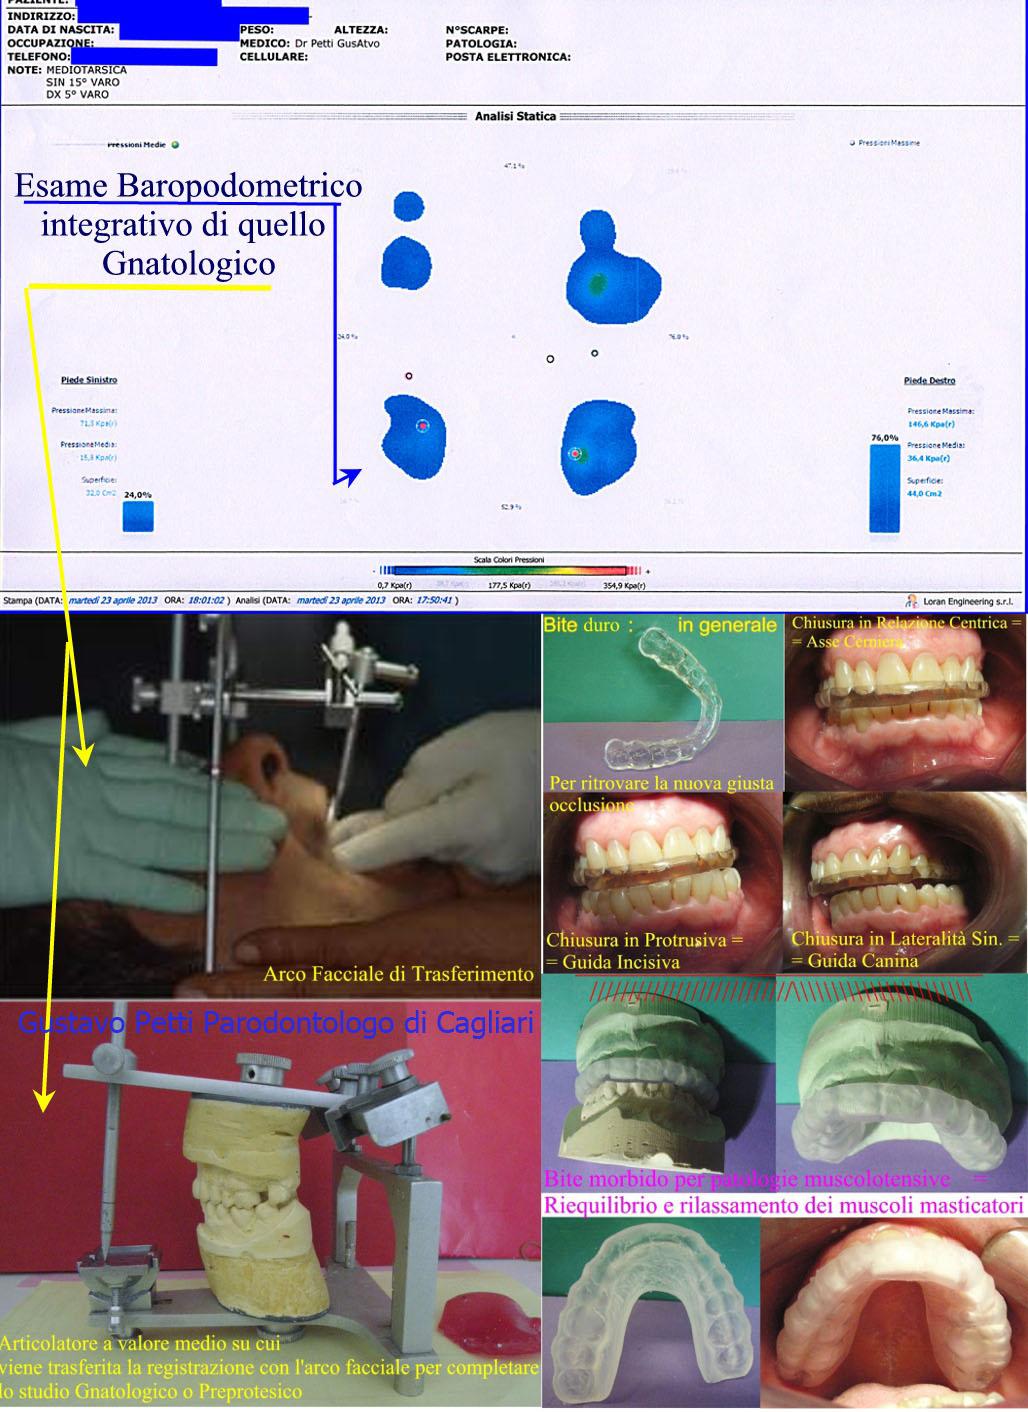 analisi-gnatologica-dr-g.petti-cagliari-122.jpg